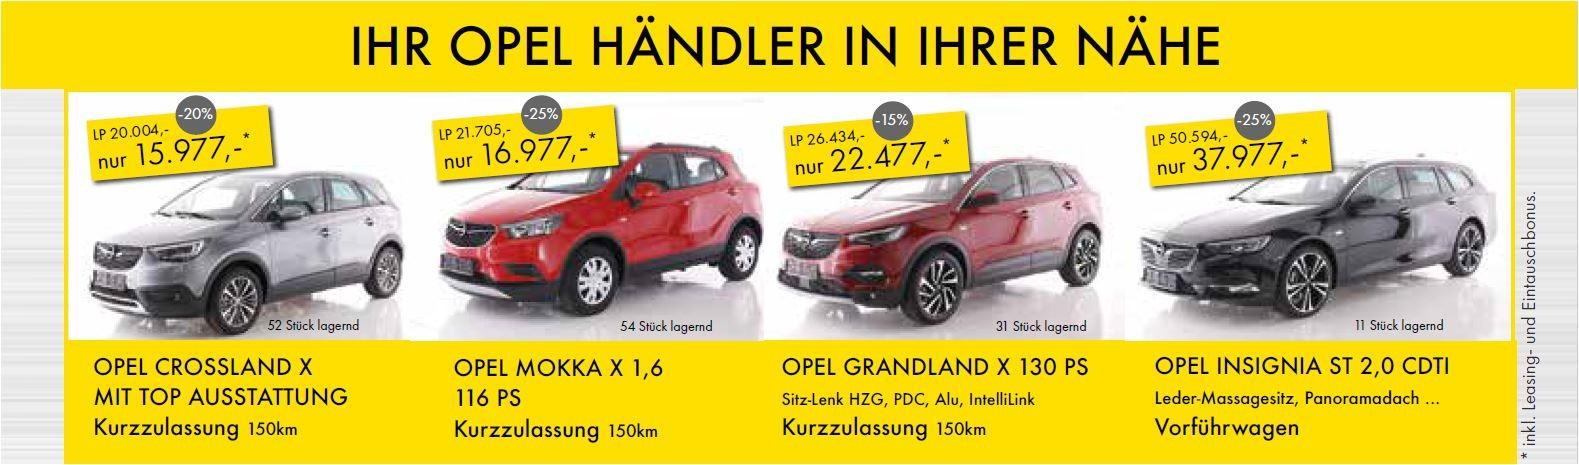 Opel Gewerbeschau 2018 bei HWS || Ing. Günther Baschinger GmbH in